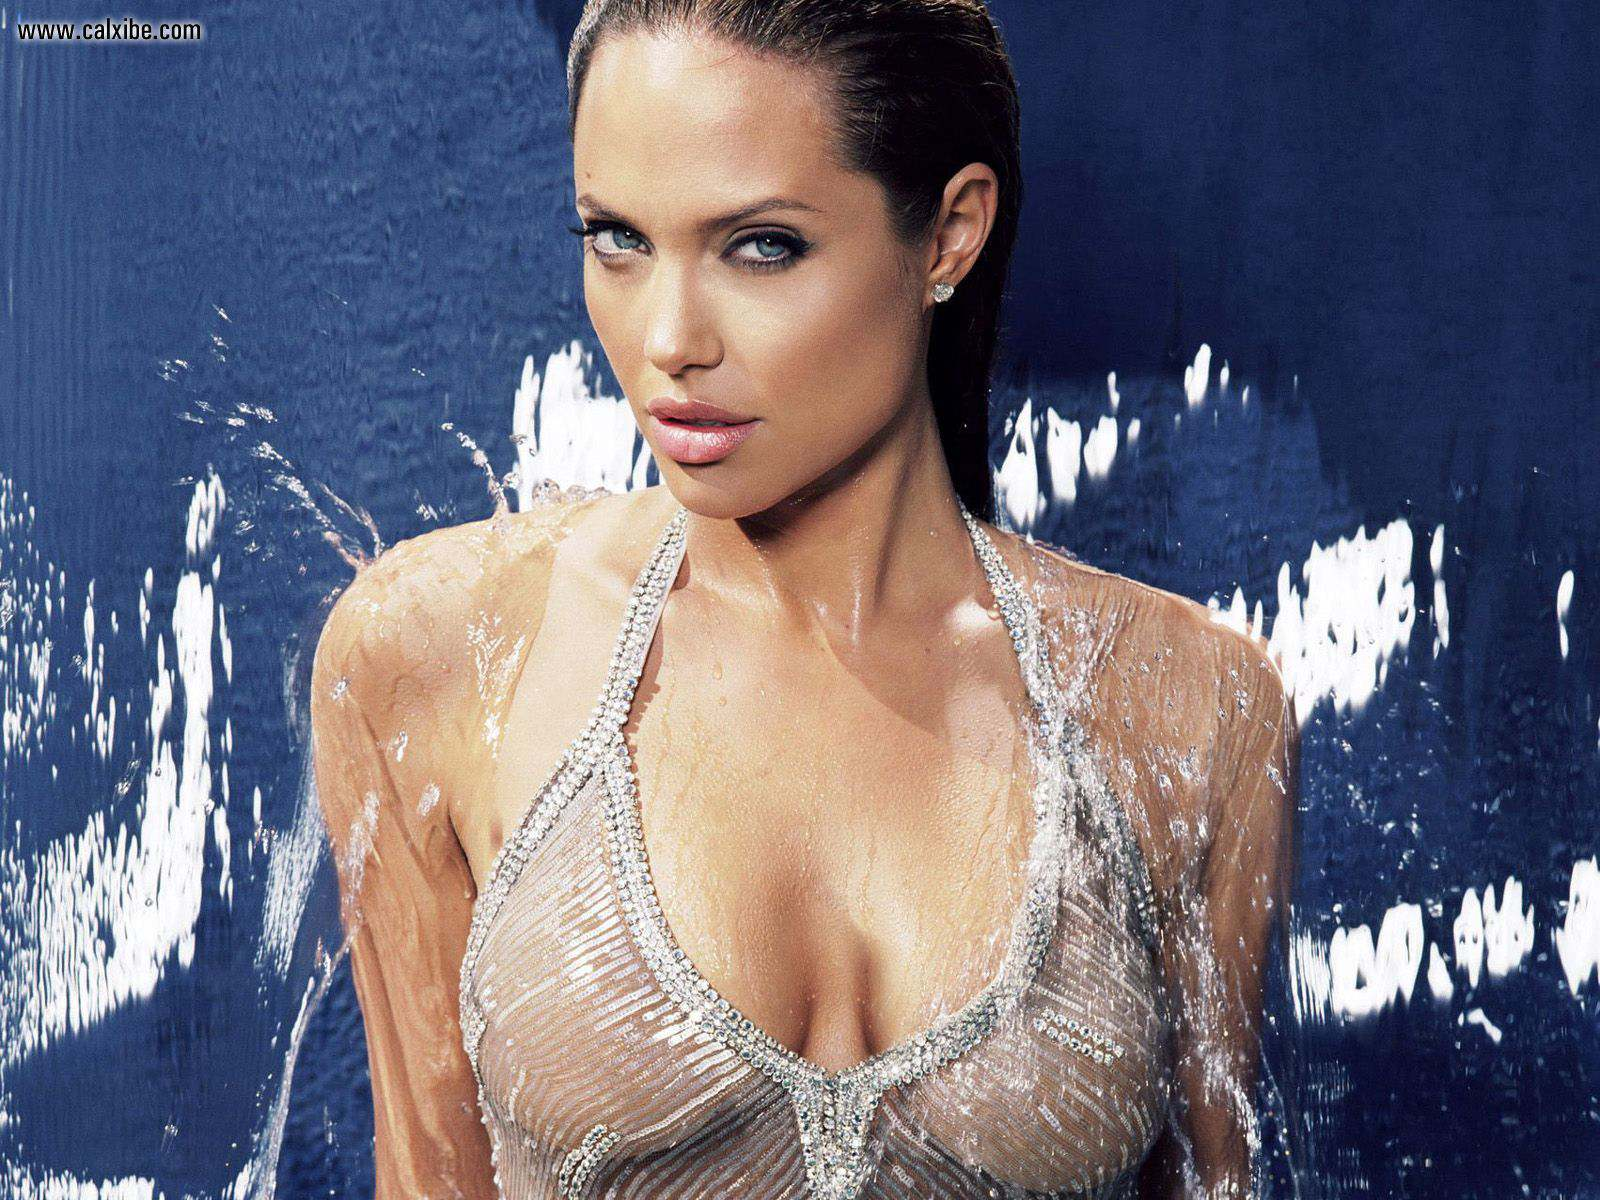 http://3.bp.blogspot.com/-kV9Ece2R0XU/ThhC2o_oWvI/AAAAAAAAGY0/gH1tIw_2xj8/s1600/Angelina-Jolie+-02.jpg